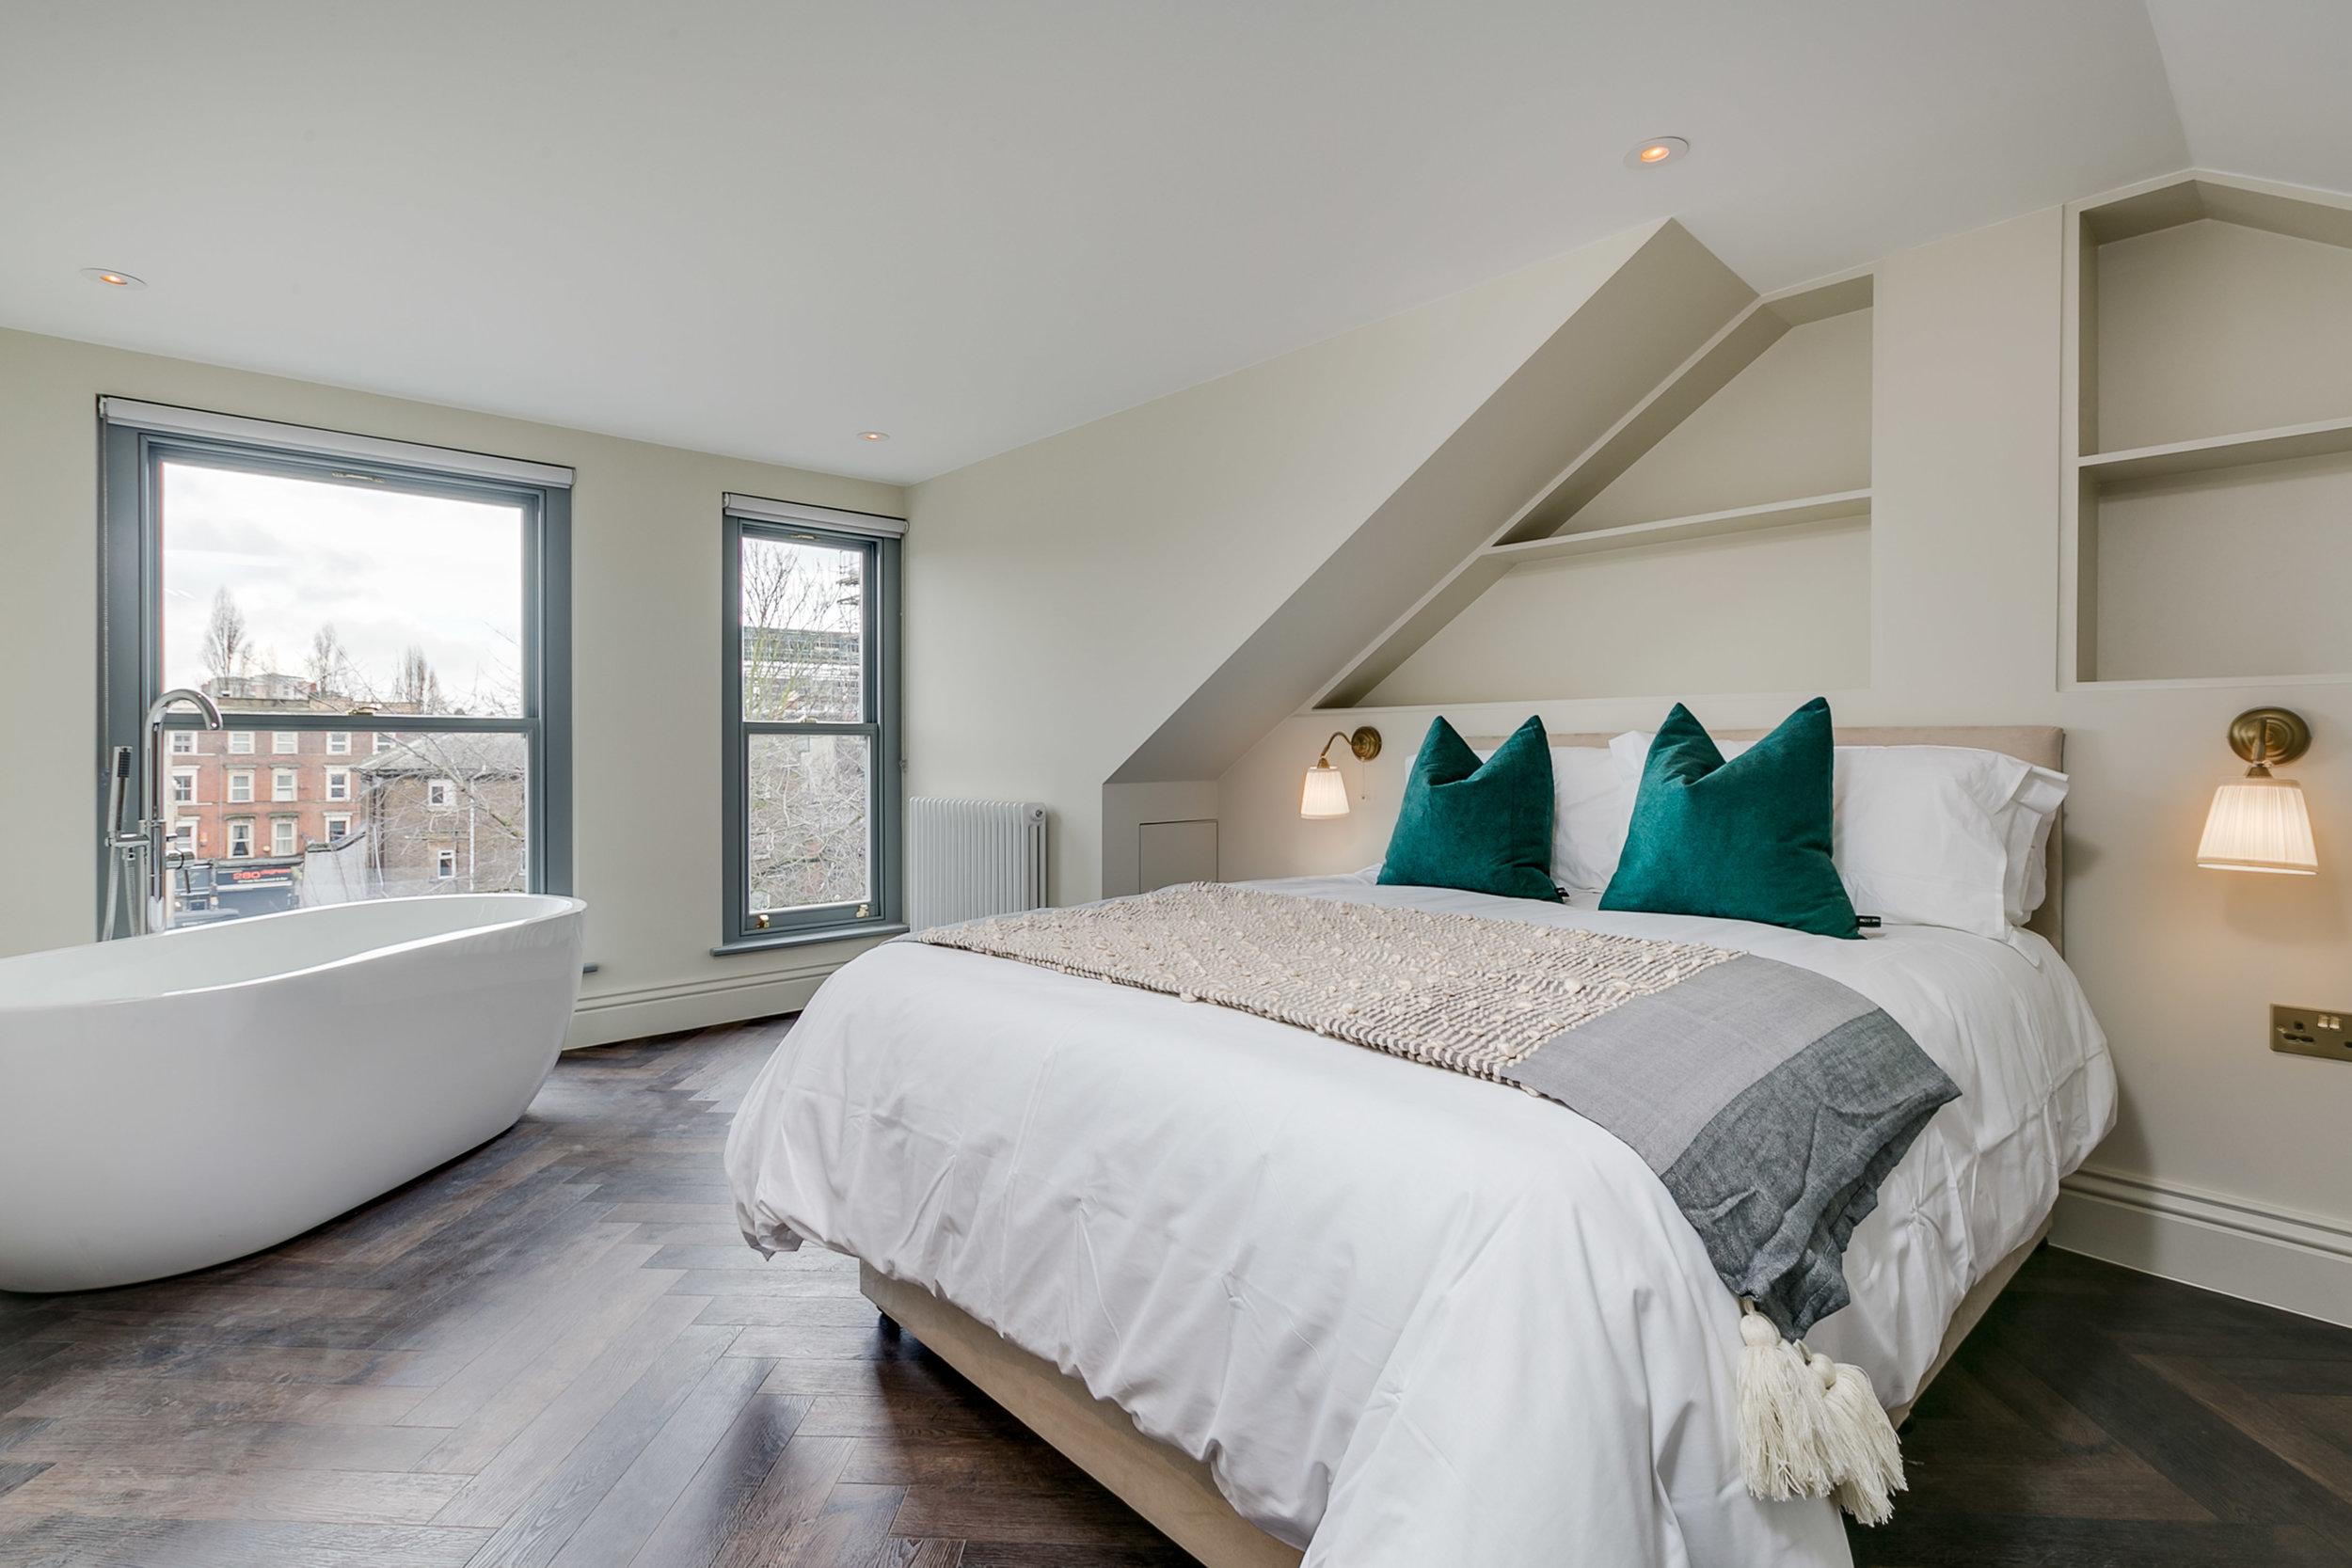 C_Bedroom 2.jpg